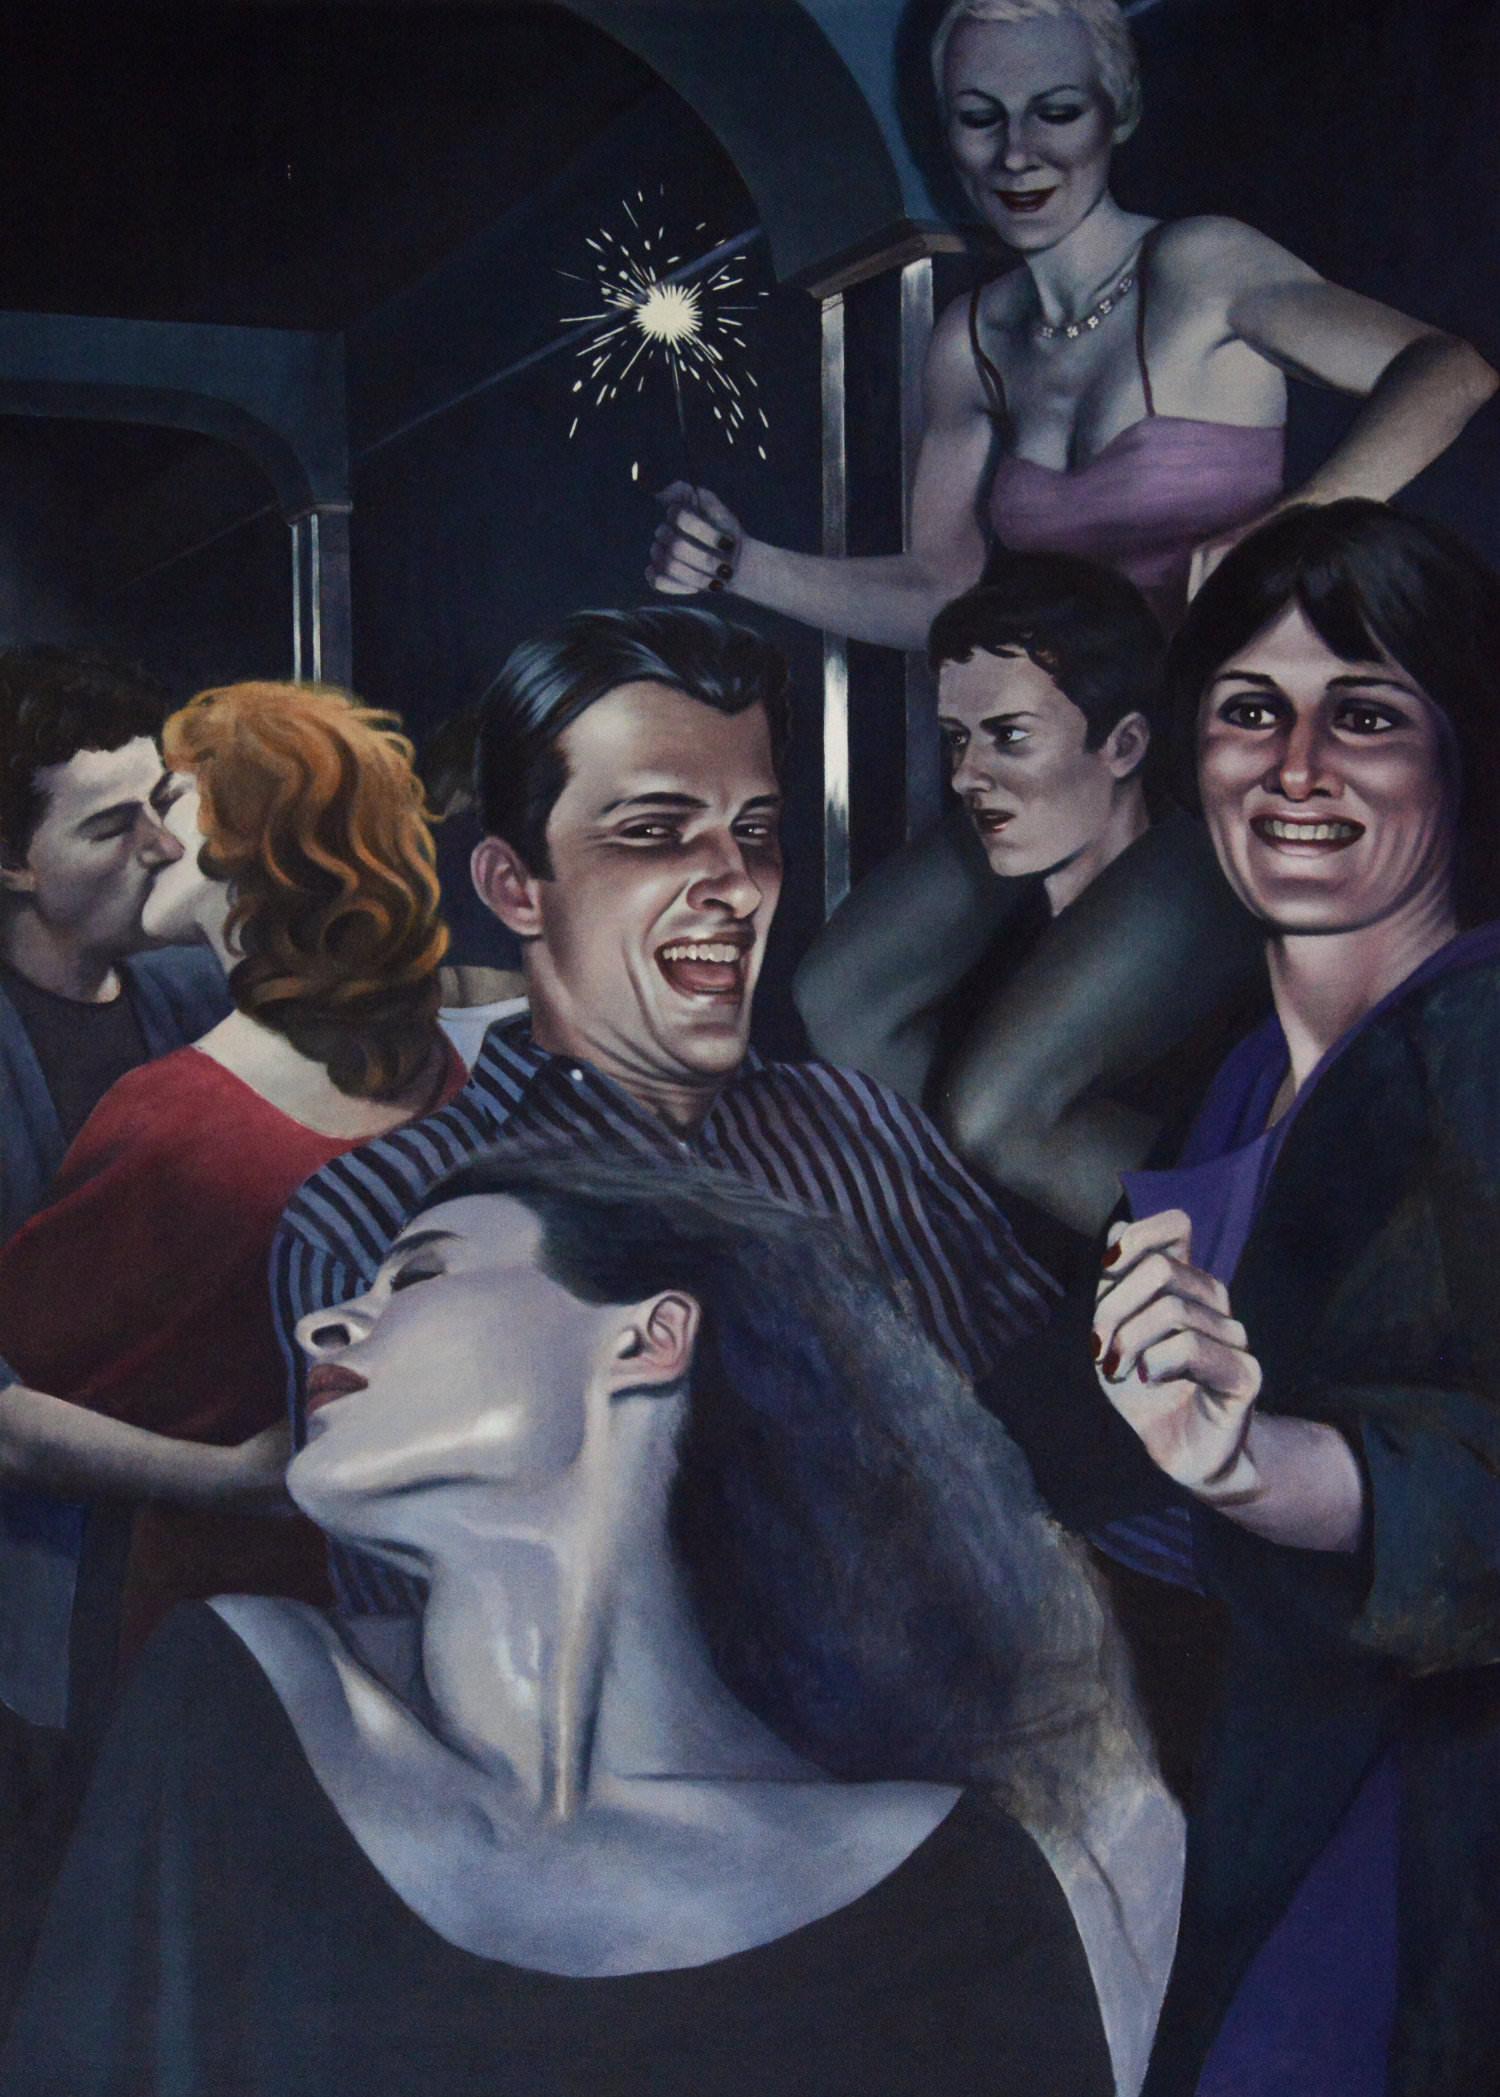 Nightclubbing 4